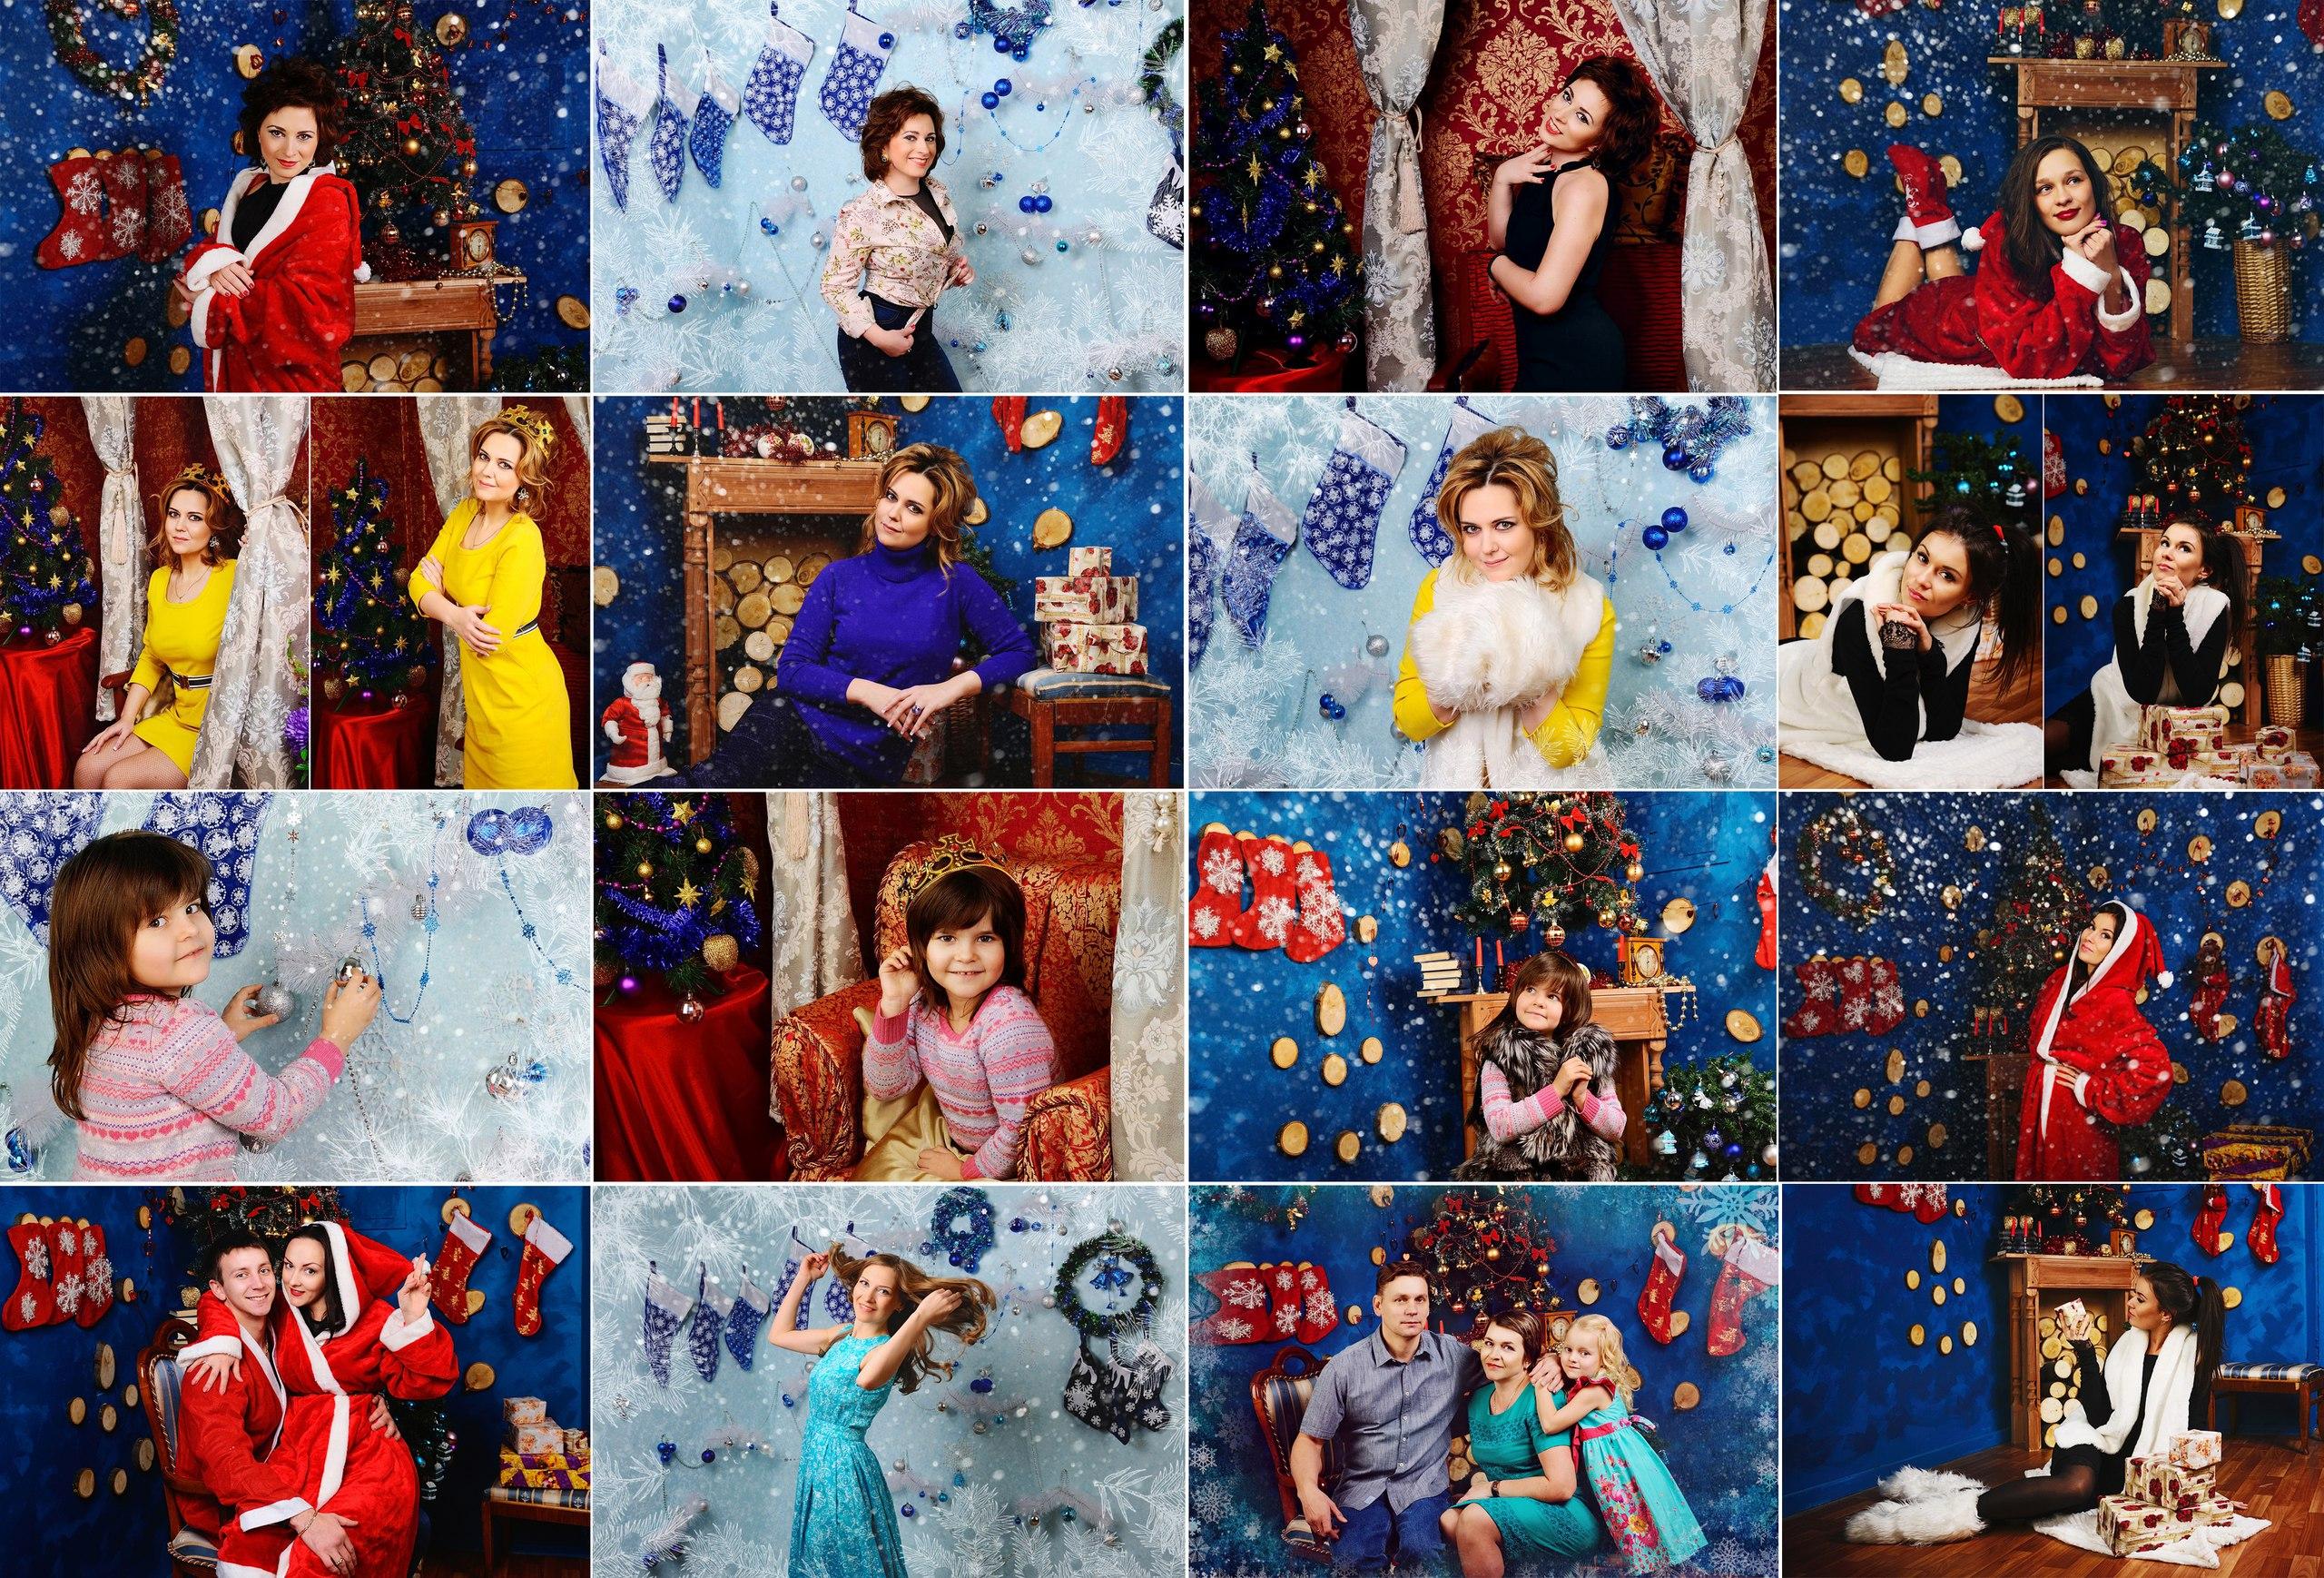 ПОДАРОЧНЫЙ СЕРТИФИКАТ на новогоднюю фотосессию в студии всего за 1500 руб!